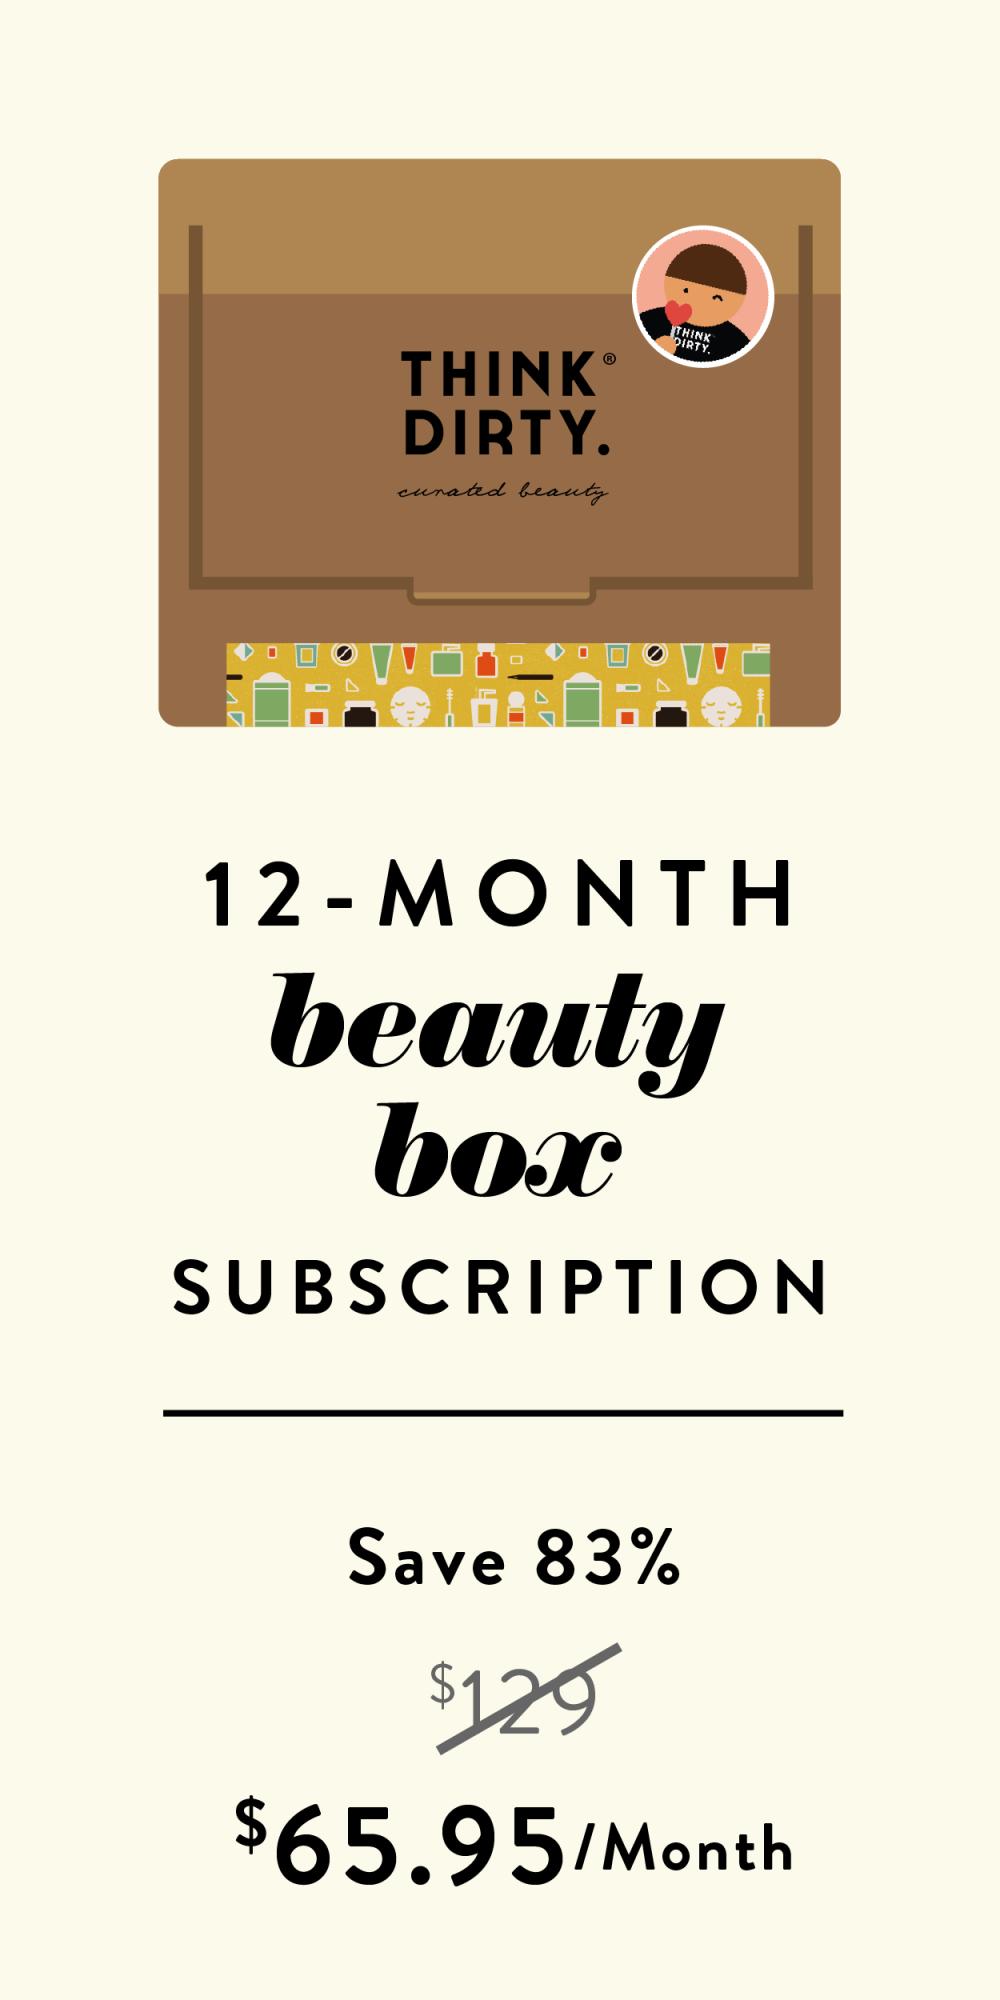 12 month beauty box